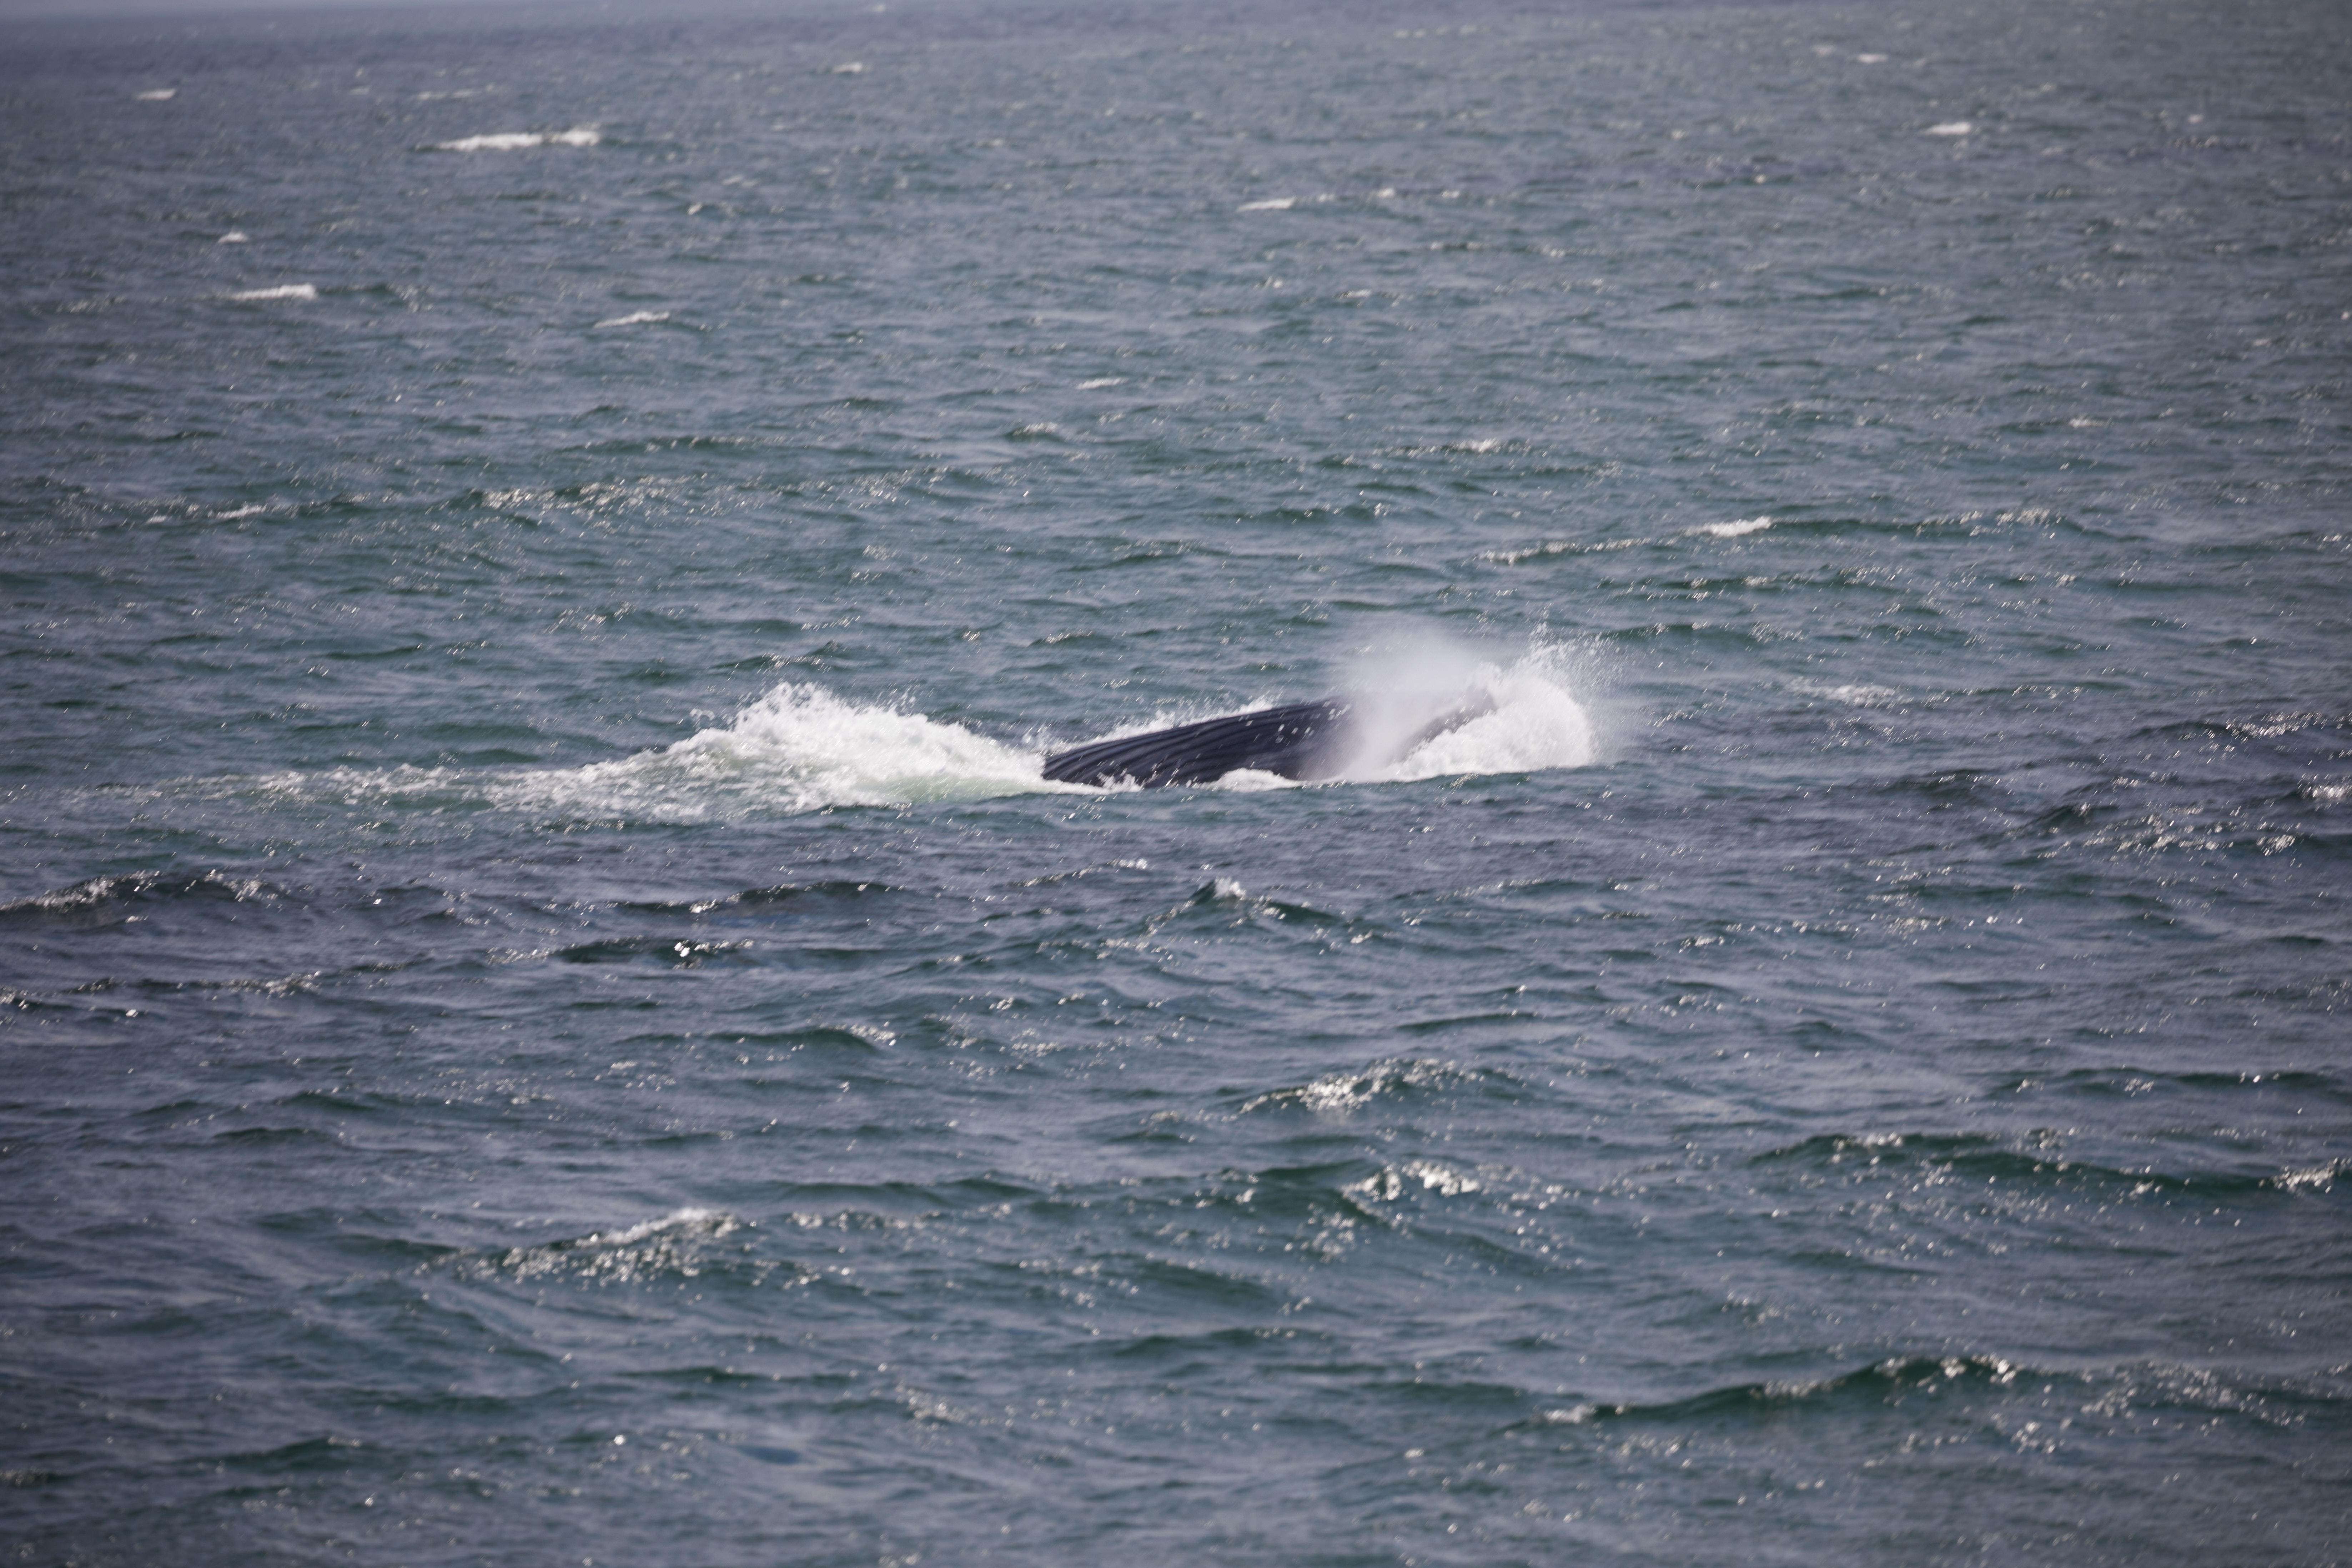 Juvenile humpback whale splashing through water.